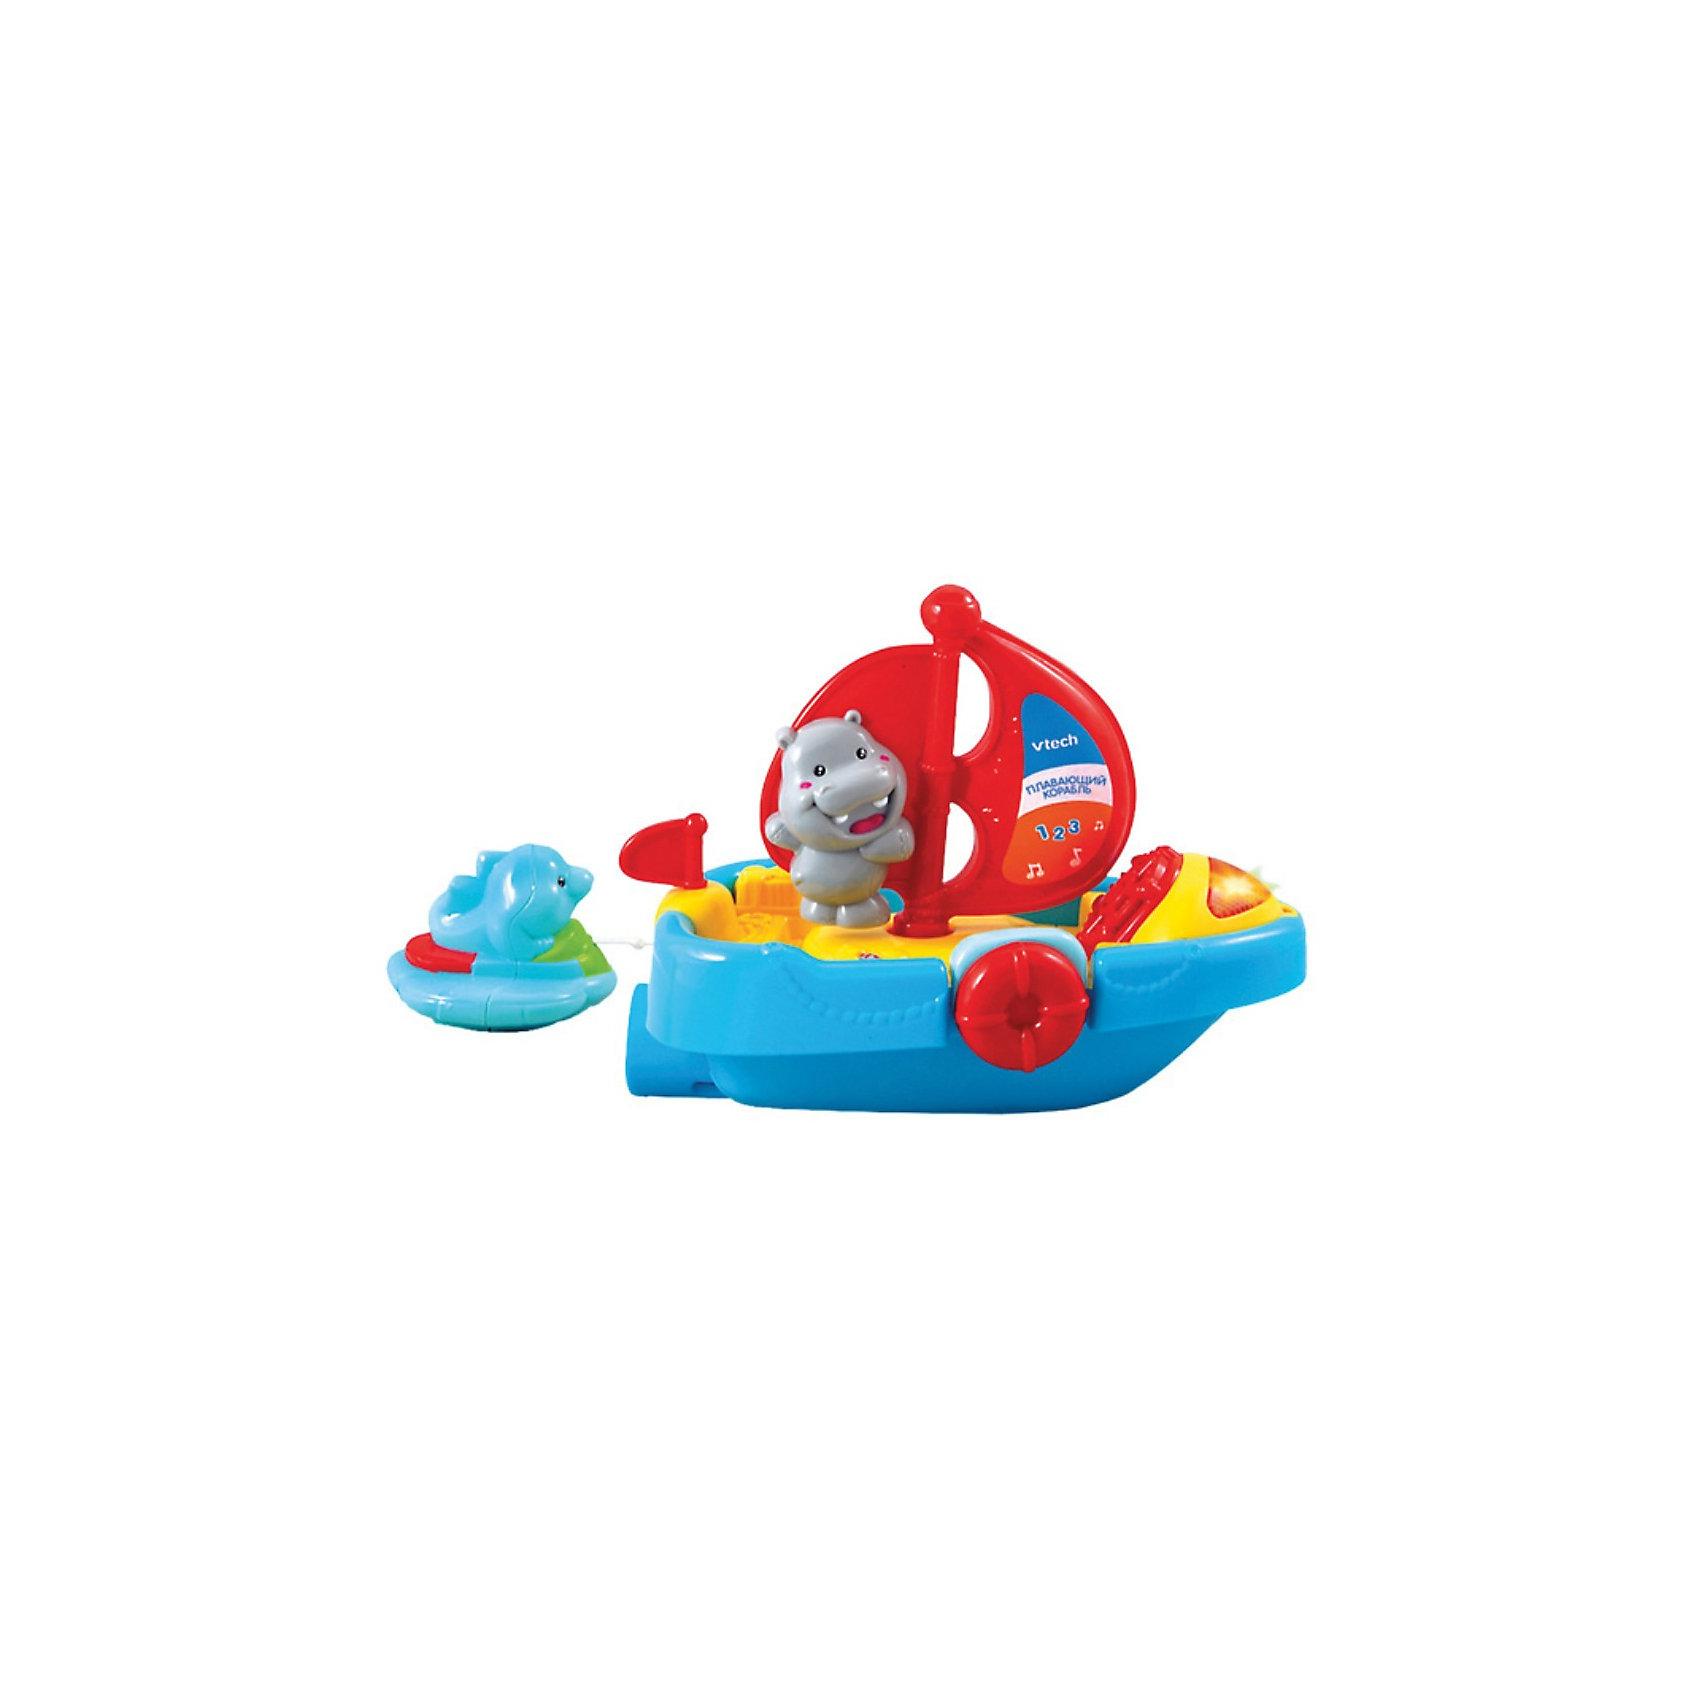 Игрушка для ванной Спасательный катер, VtechИнтерактивные игрушки для малышей<br>Игрушка для ванной Спасательный катер, Vtech (Втеч).<br><br>Характеристики:<br><br>• Для детей от 1 года<br>• Комплектация: катер с дельфином на спасательном круге<br>• Размер катера: 21х17,5х11,5 см.<br>• Материал: пластик<br>• Обучение: фигуры, цифры, названия животных<br>• Песня из мультфильма «Мама для мамонтенка»<br>• Батарейки: 2 типа ААА (в комплекте демонстрационные)<br>• Упаковка: красочная подарочная коробка<br>• Размер упаковки: 25,5х21,5х13 см.<br><br>Спасательный катер от французской компании Vtech – увлекательная игрушка для ванны, с которой купание вашего малыша будет не только веселым, но и познавательным! <br><br>Благодаря водонепроницаемому корпусу с игрушкой можно играть в воде. При повороте паруса и нажатии на спасательный круг малыш услышит веселую песенку из мультфильма и обучающие фразы, которые расскажут ему, как называются животные, цифры и фигуры. <br><br>За катером плавает очаровательный дельфин на спасательном круге. Немного оттянув его, малыш с радостью увидит, как дельфин догоняет катер. Предусмотрен таймер автоматического отключения. Игрушка изготовлена из прочного безопасного не бьющегося пластика. Продается в красочной коробке и идеально подходит в качестве подарка.<br><br>Игрушку для ванной Спасательный катер, Vtech (Втеч) можно купить в нашем интернет-магазине.<br><br>Ширина мм: 220<br>Глубина мм: 130<br>Высота мм: 260<br>Вес г: 850<br>Возраст от месяцев: 12<br>Возраст до месяцев: 36<br>Пол: Унисекс<br>Возраст: Детский<br>SKU: 3380329